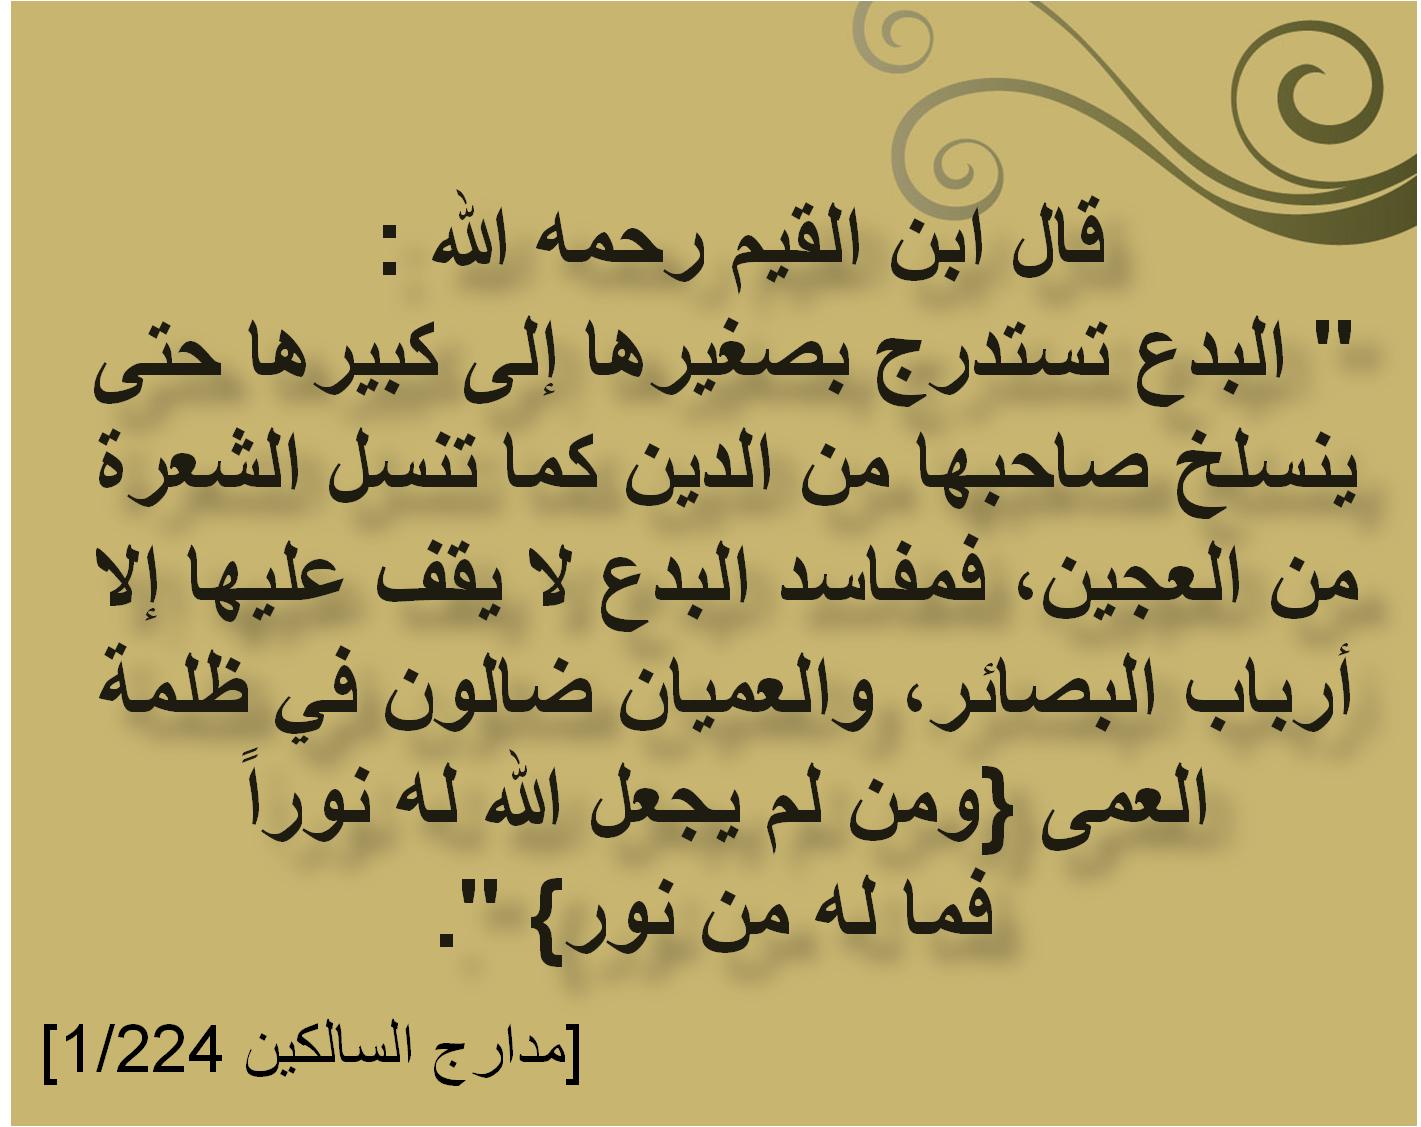 بالصور حالات واتس اب دينيه , اجمل الحالات الاسلامية للواتس اب 3124 1